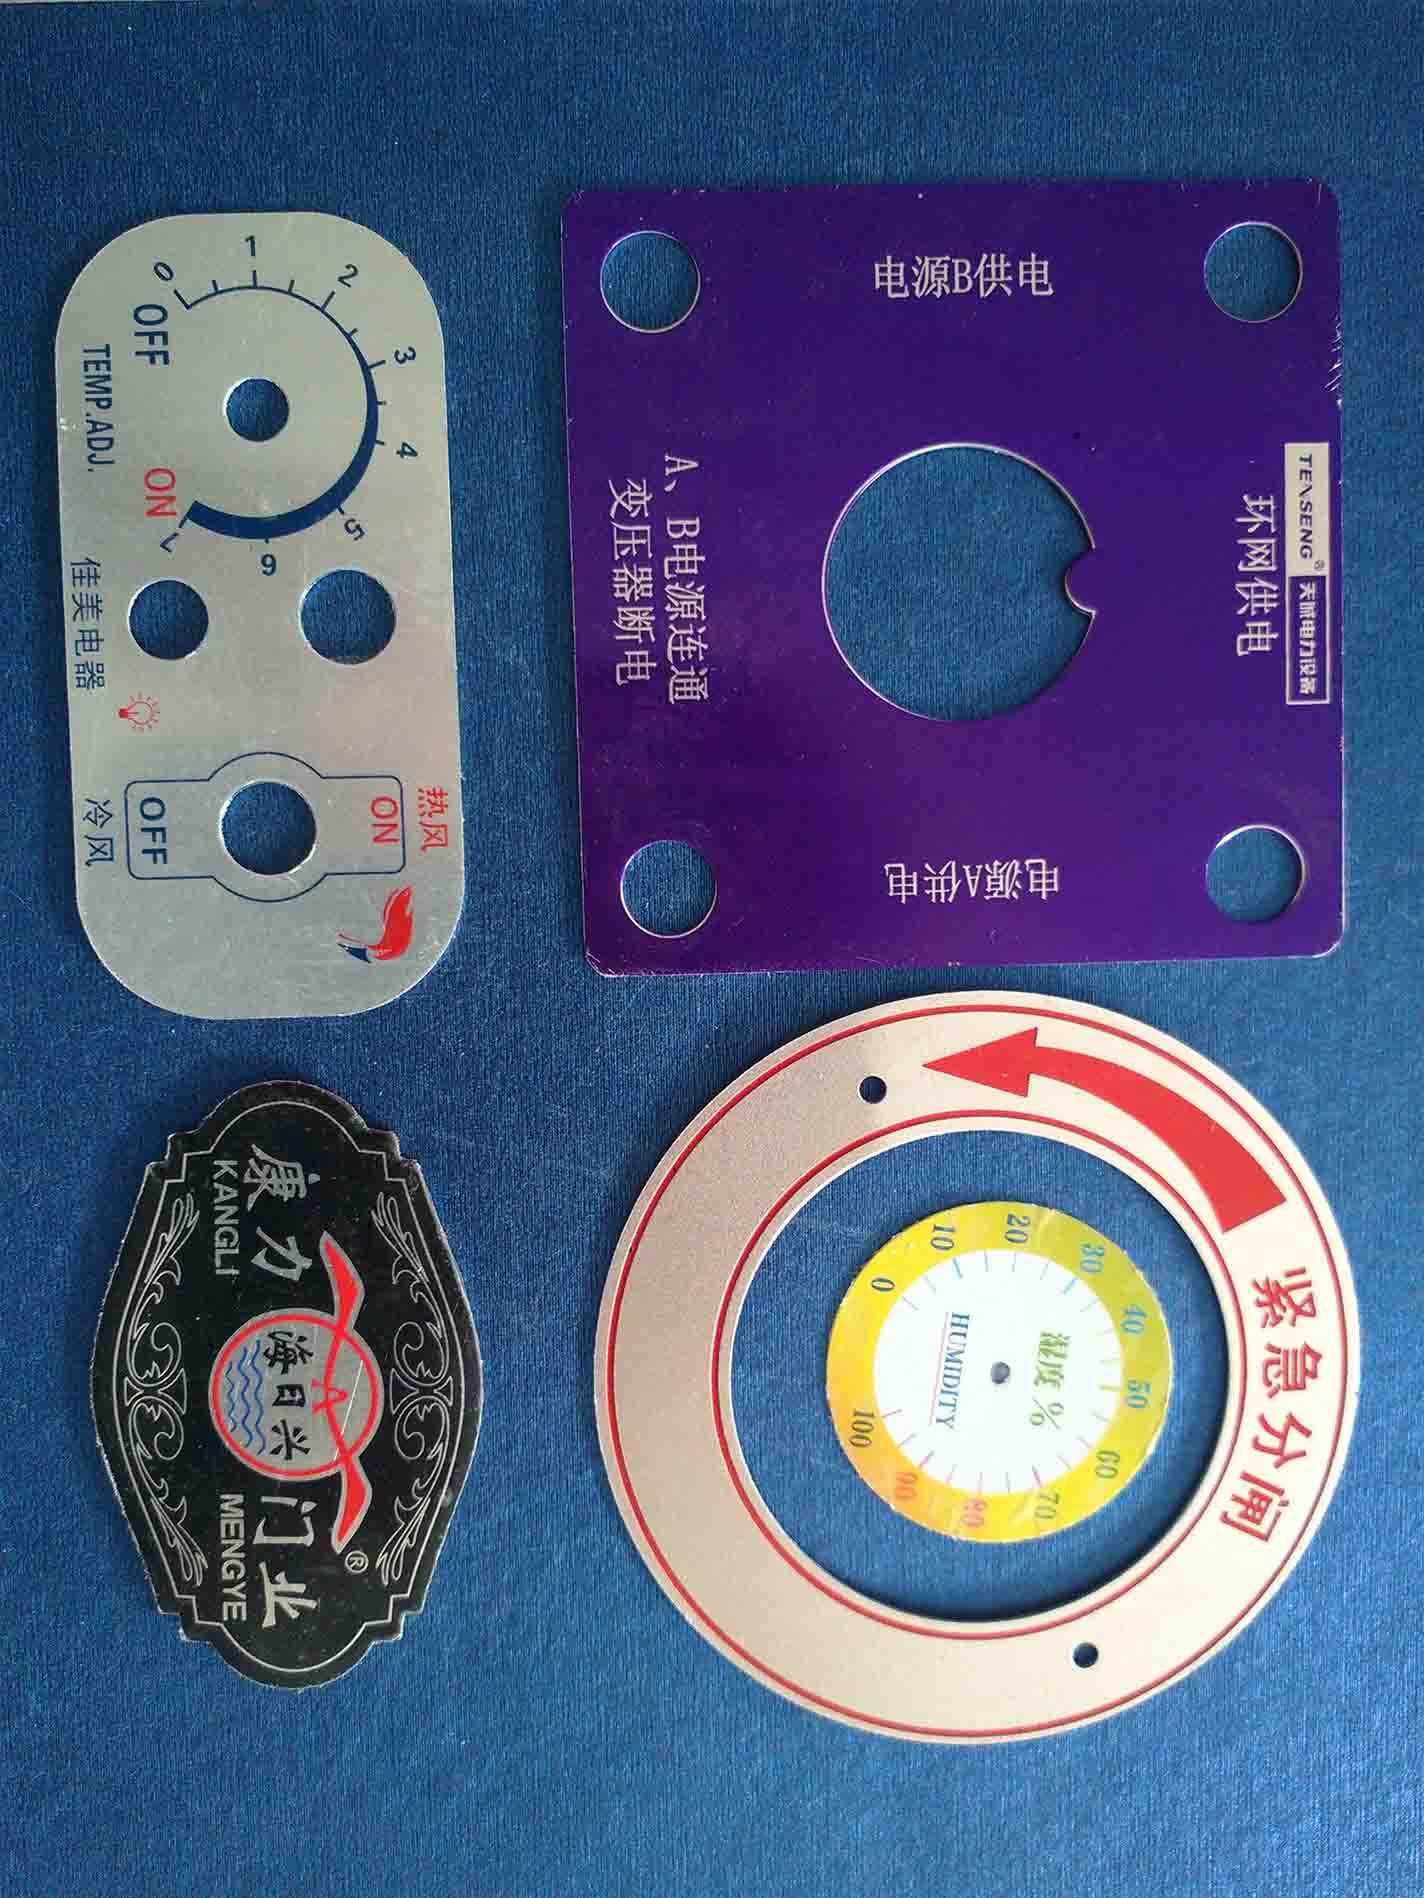 青岛标牌,生活中常见的标牌制作工艺